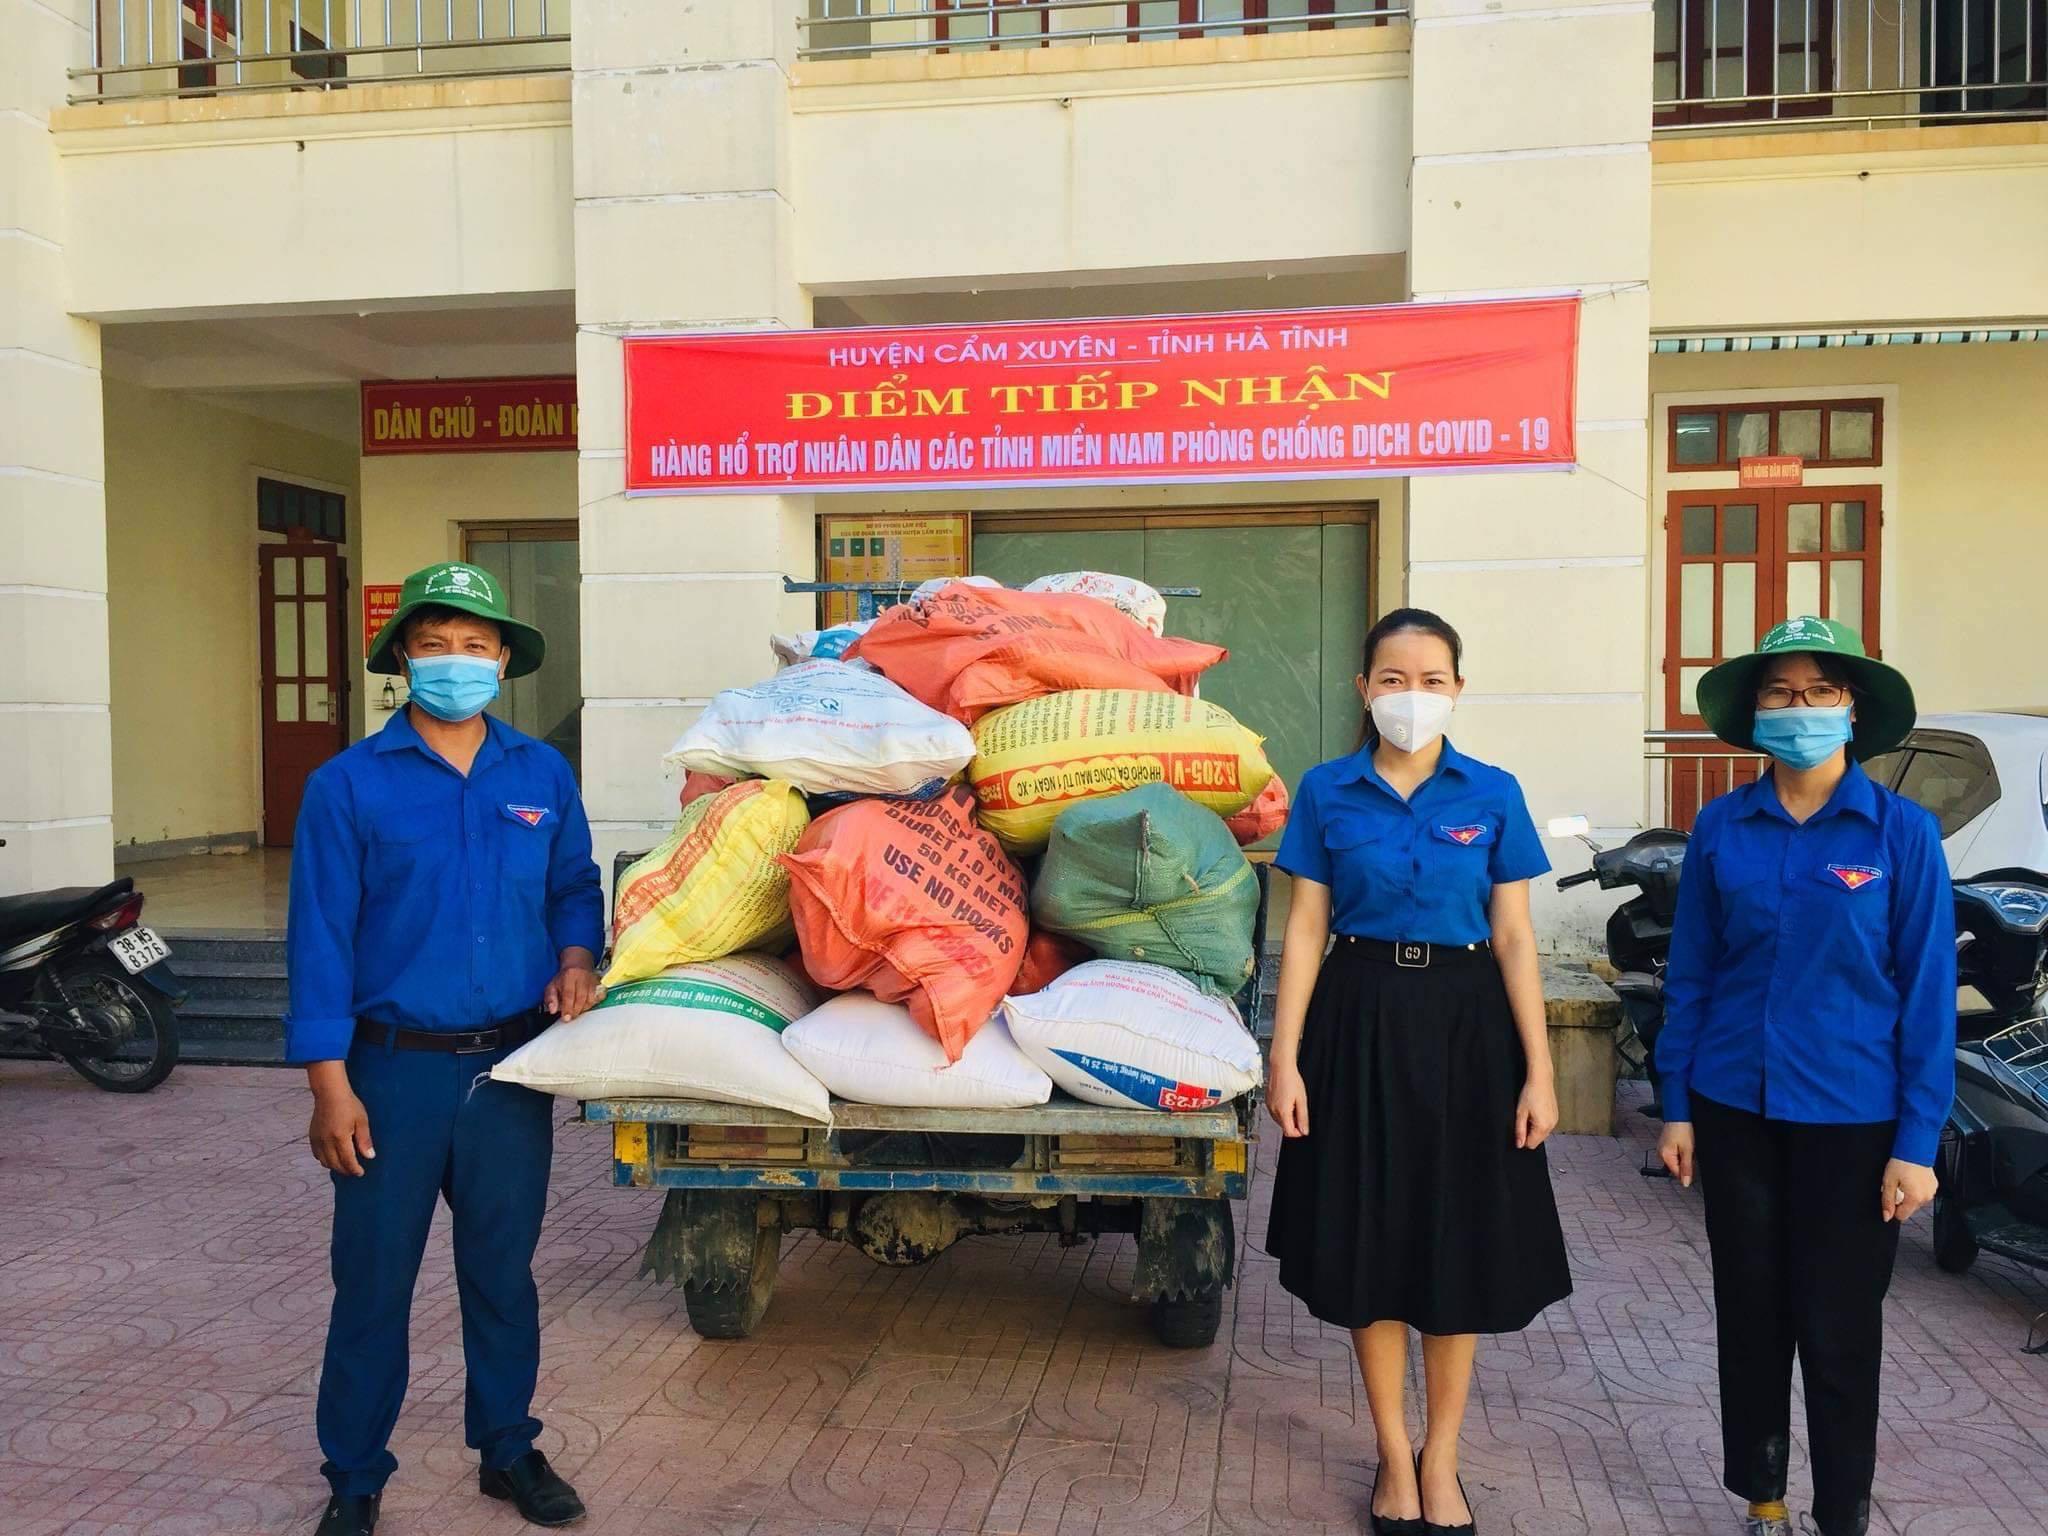 Miền Trung đáp lại ân tình, quyên góp hàng hoá gửi TP.HCM chống dịch